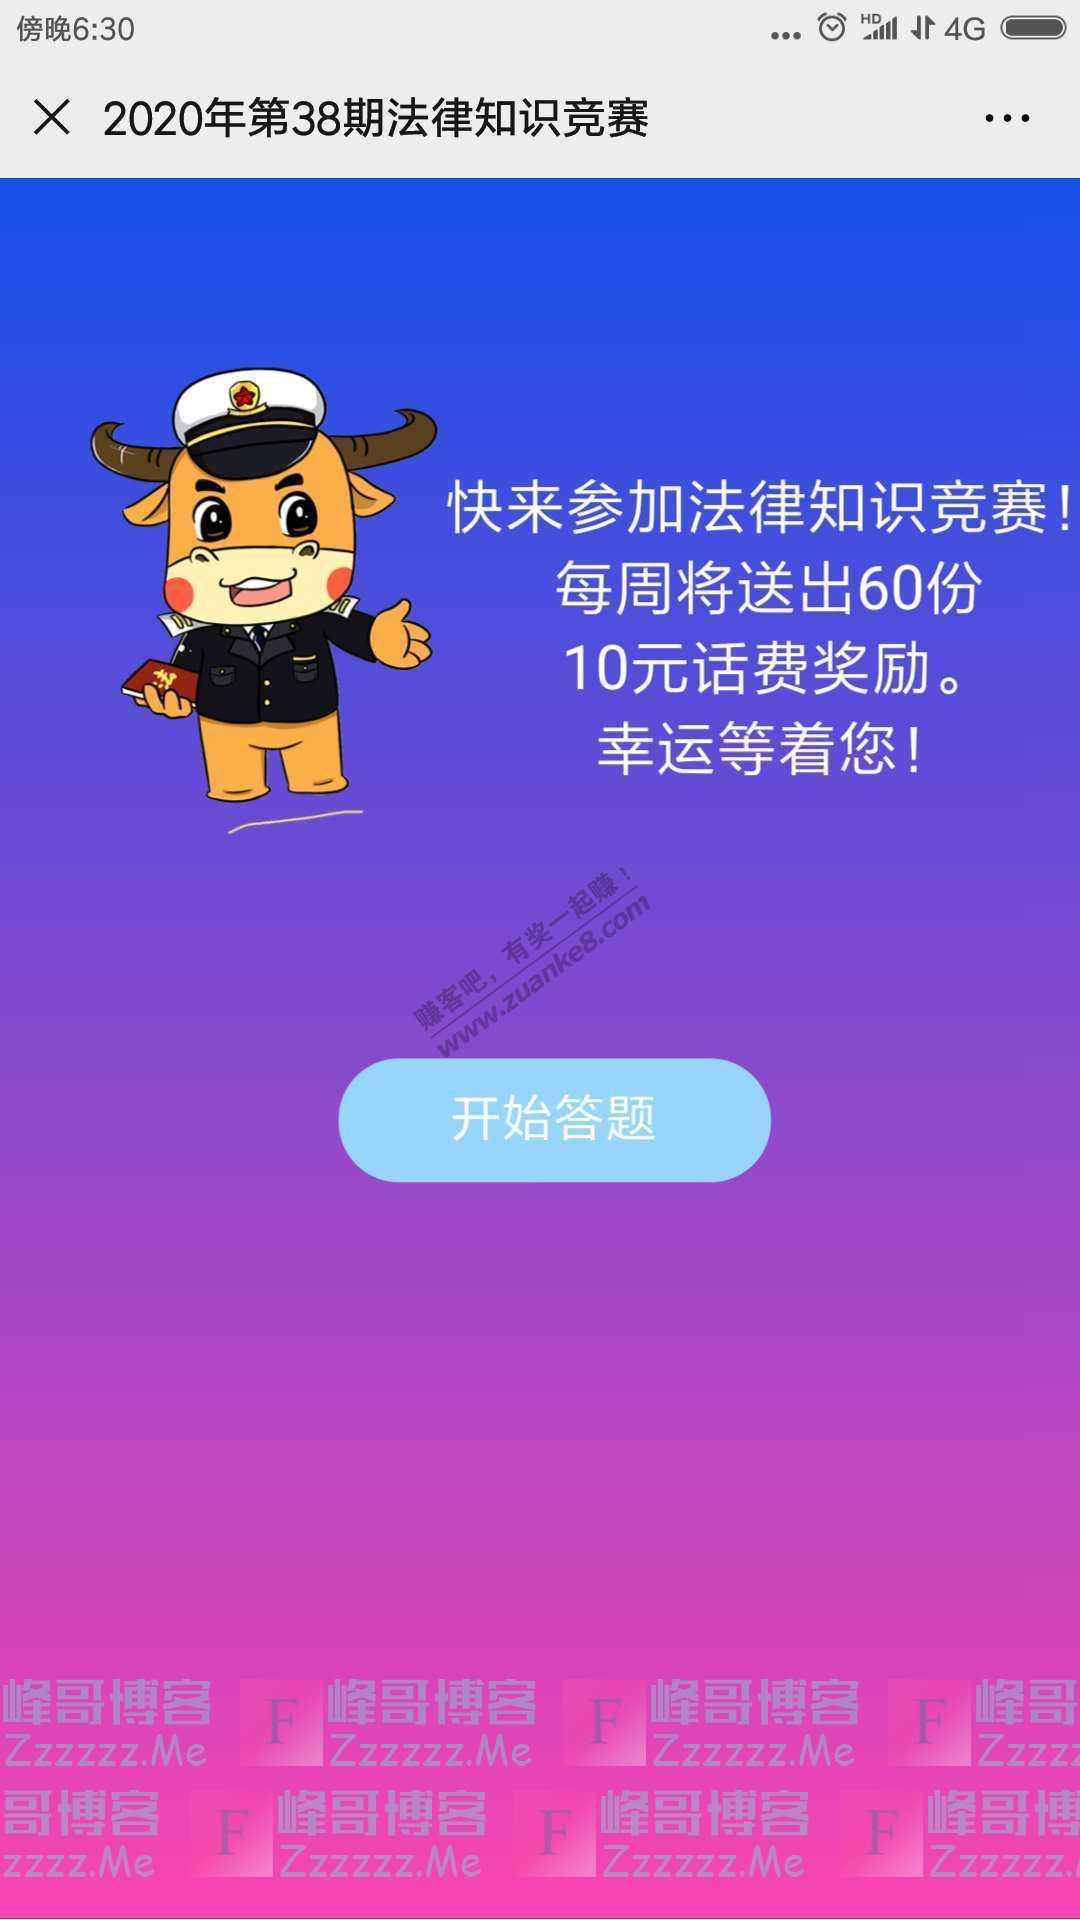 如东县12348公共法律服务法律知识竞赛第三十八期开始啦(截止不详)